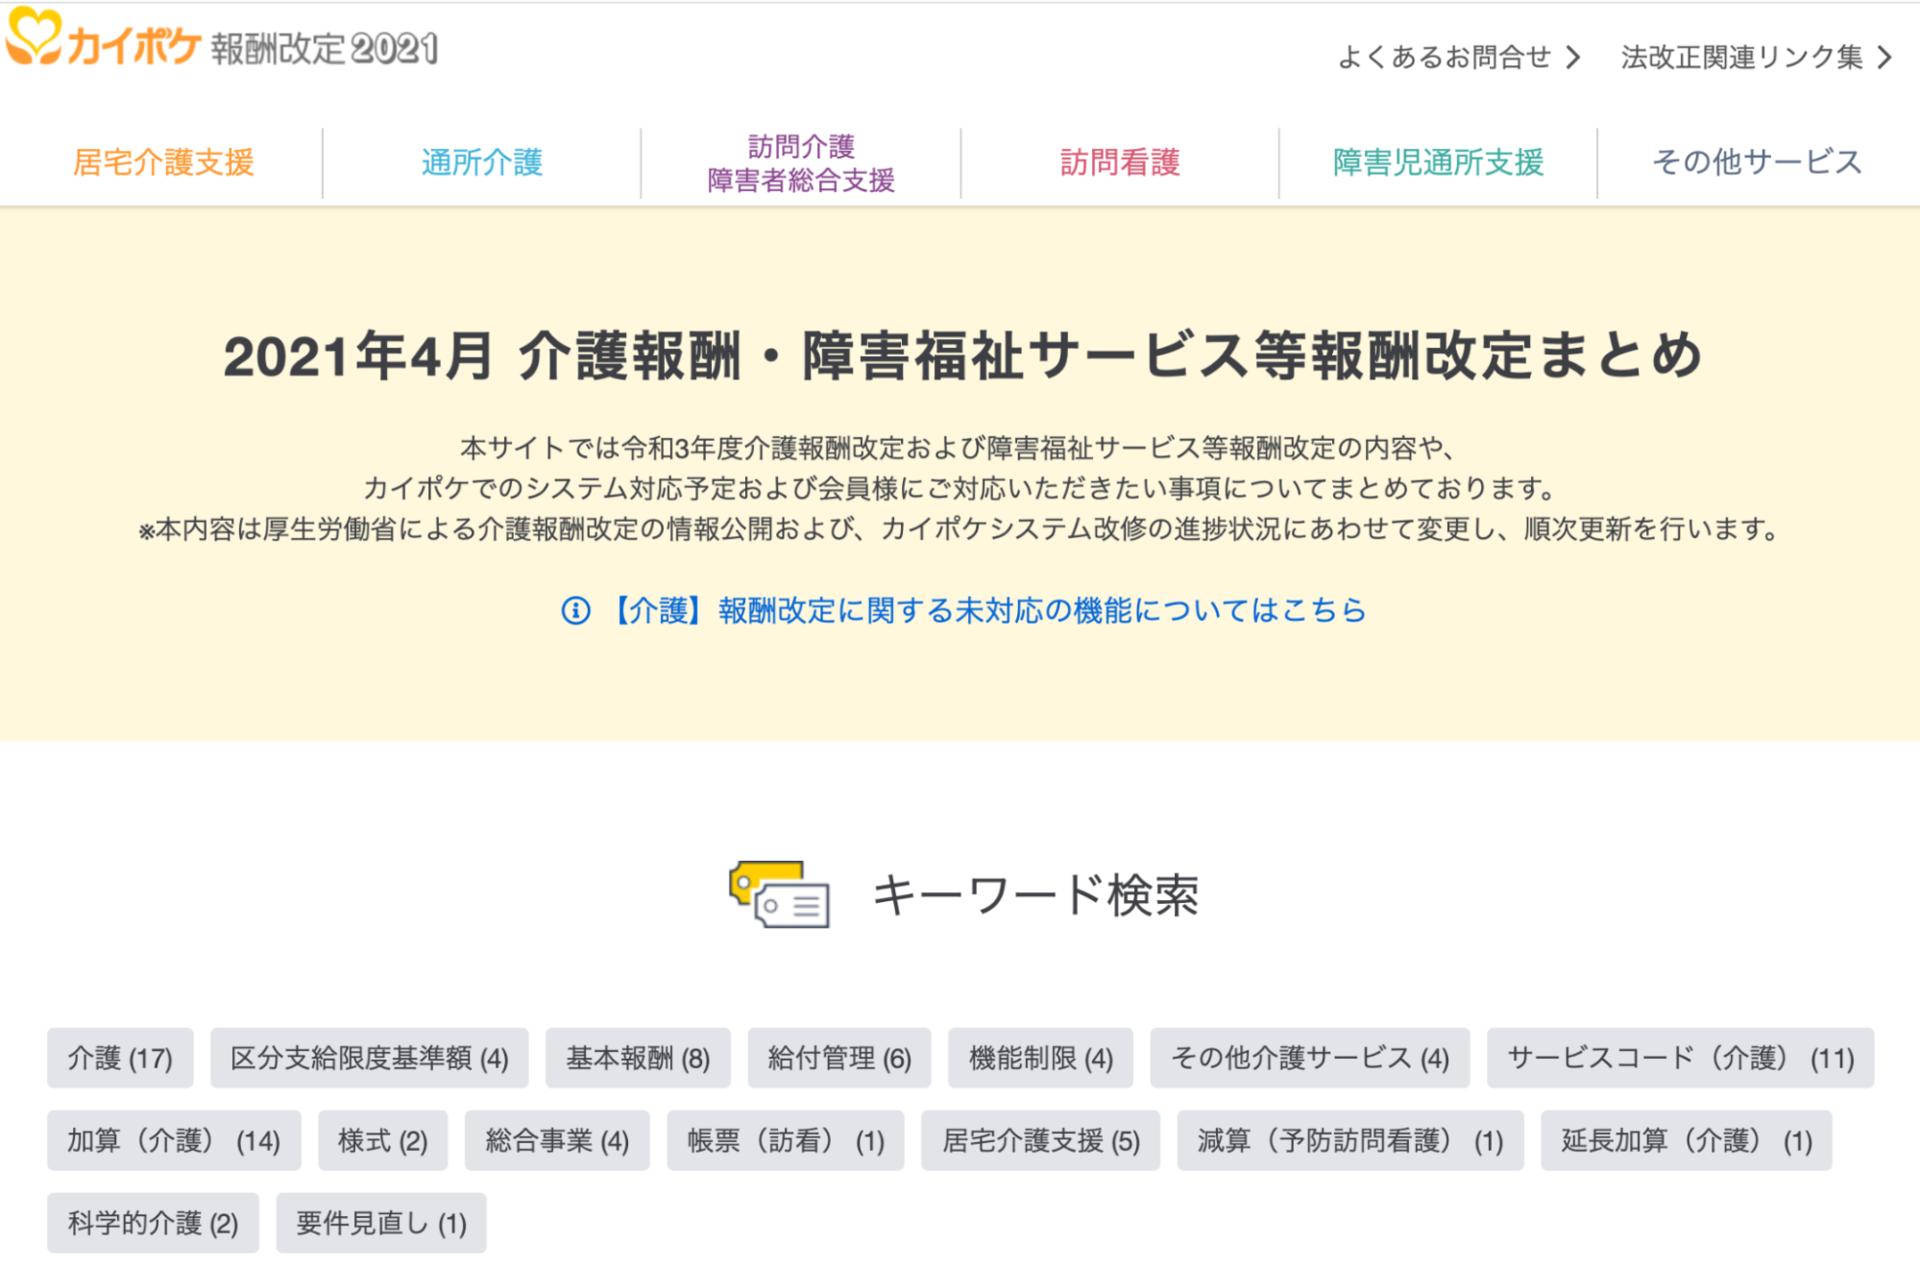 f:id:bm-sms-product-dev-saiyo-pr:20211013180354p:plain